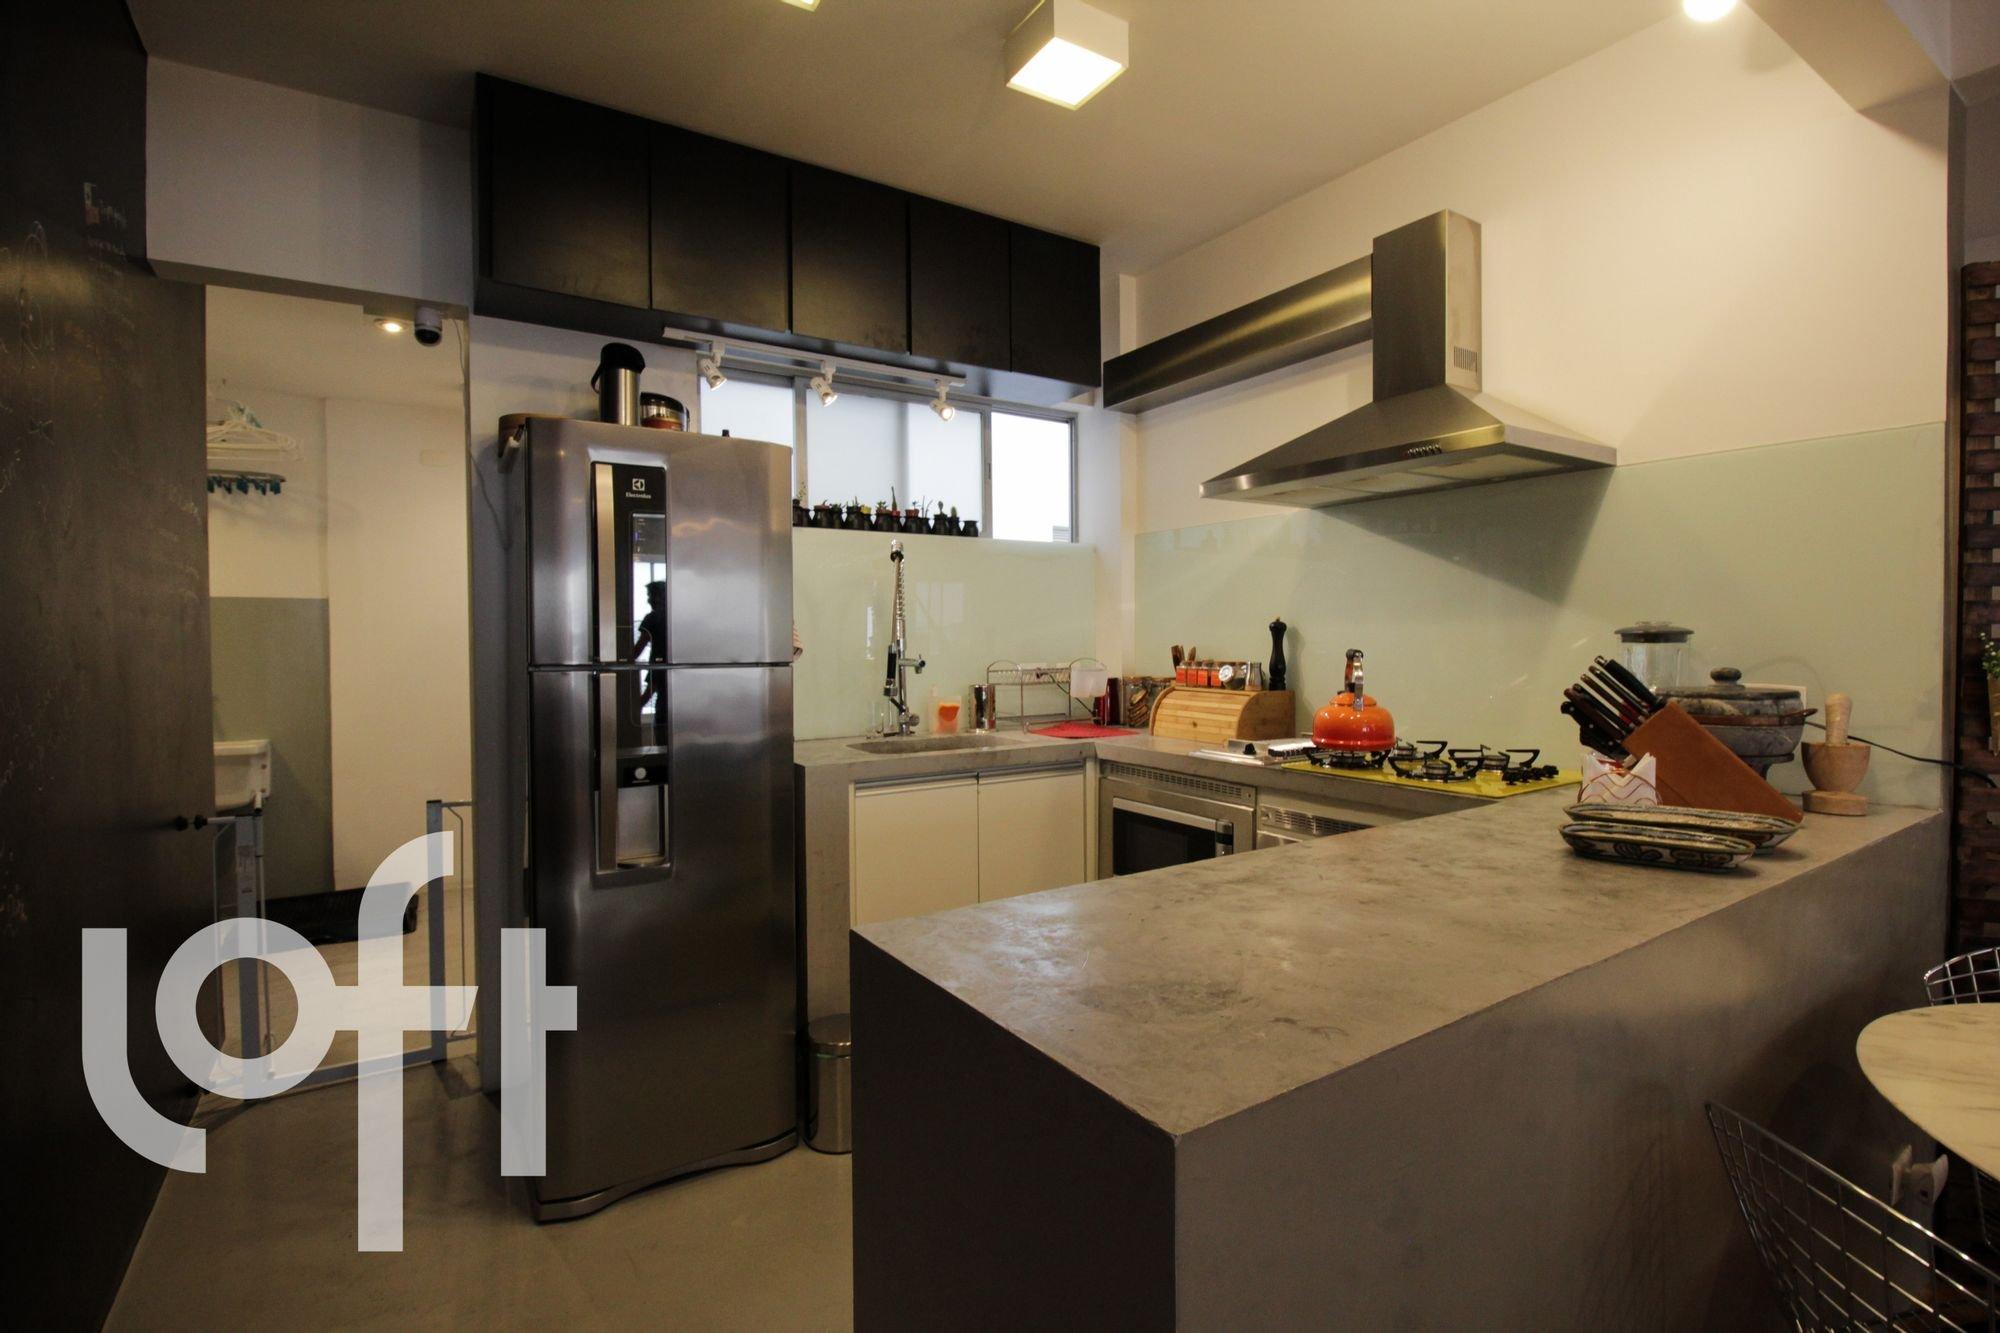 Foto de Cozinha com faca, geladeira, pia, cadeira